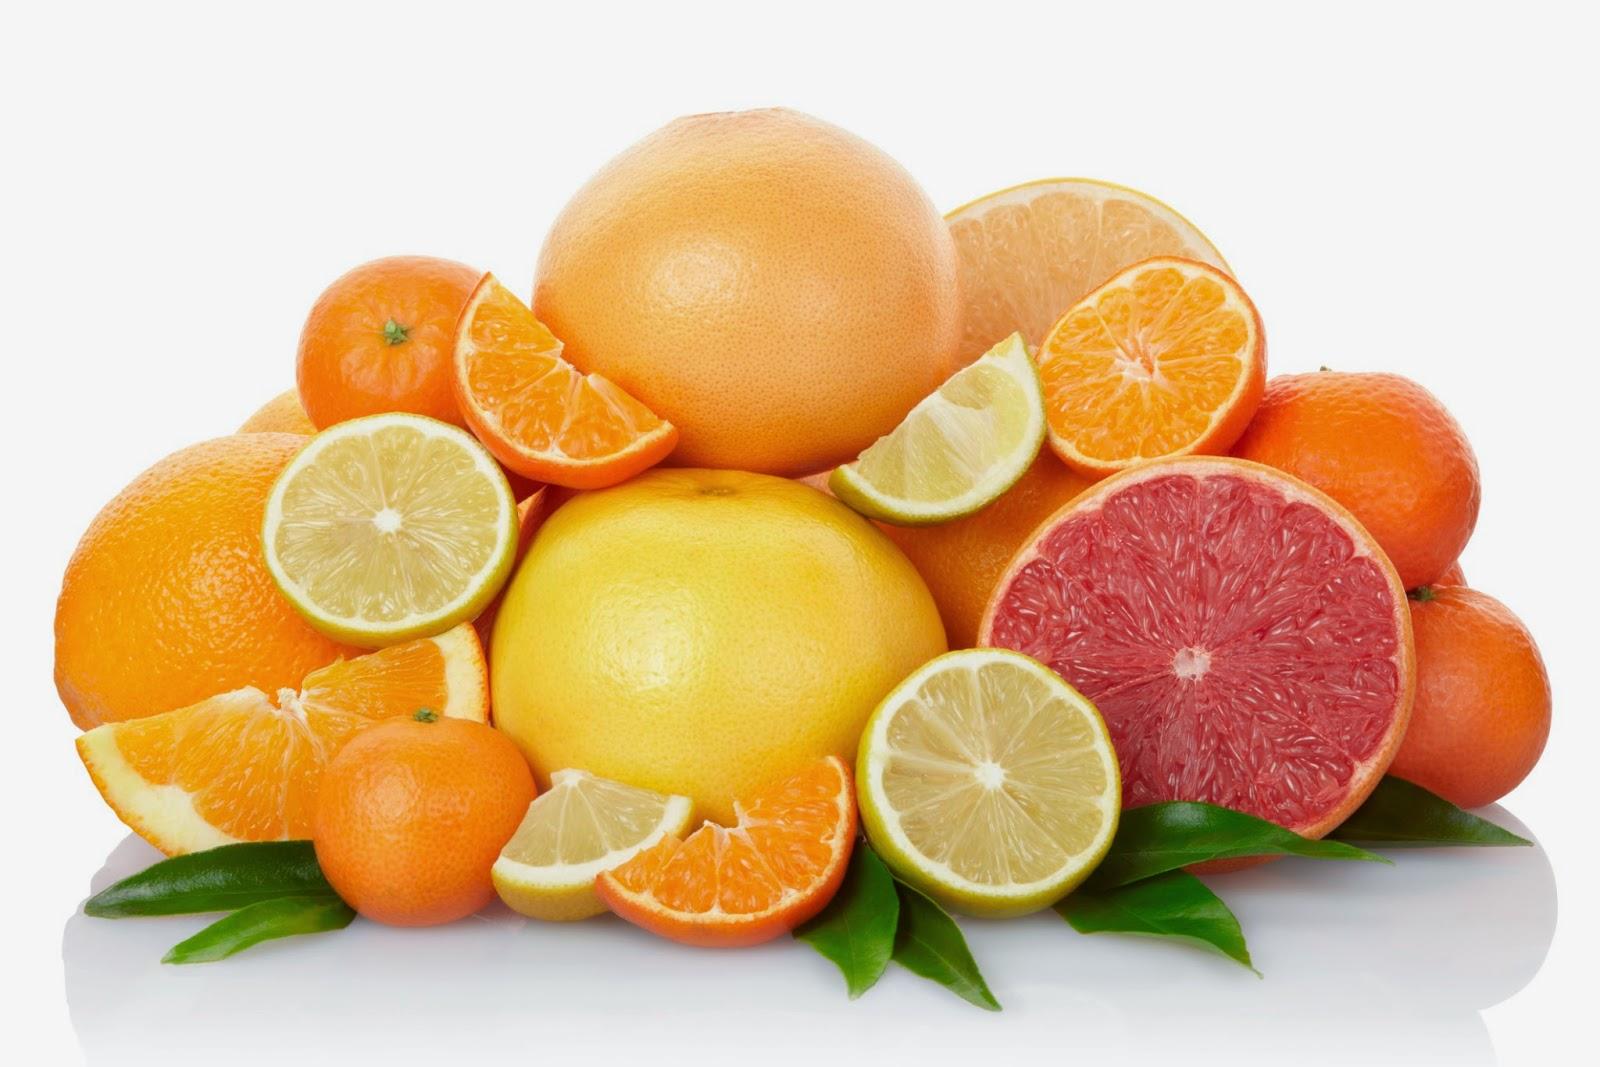 5 Buah Yang Banyak Mengandung Vitamin C